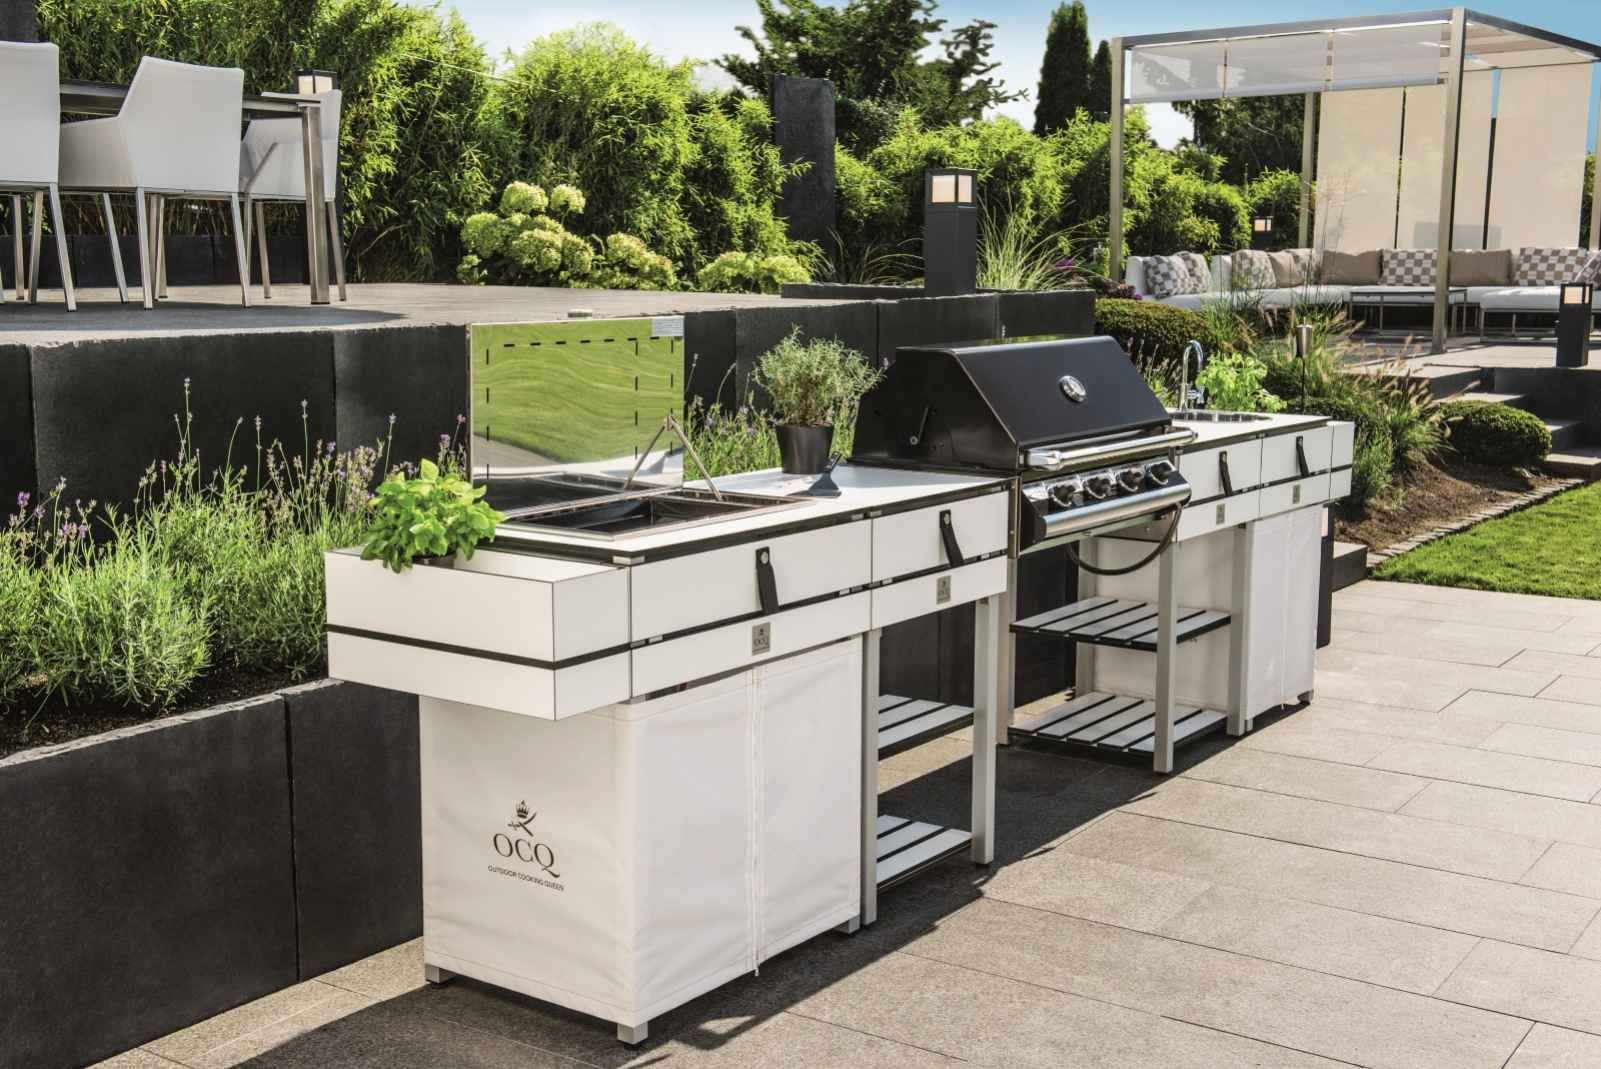 Die Outdoor Küche Preise : Ocq outdoor küche ocq outdoor küche preis